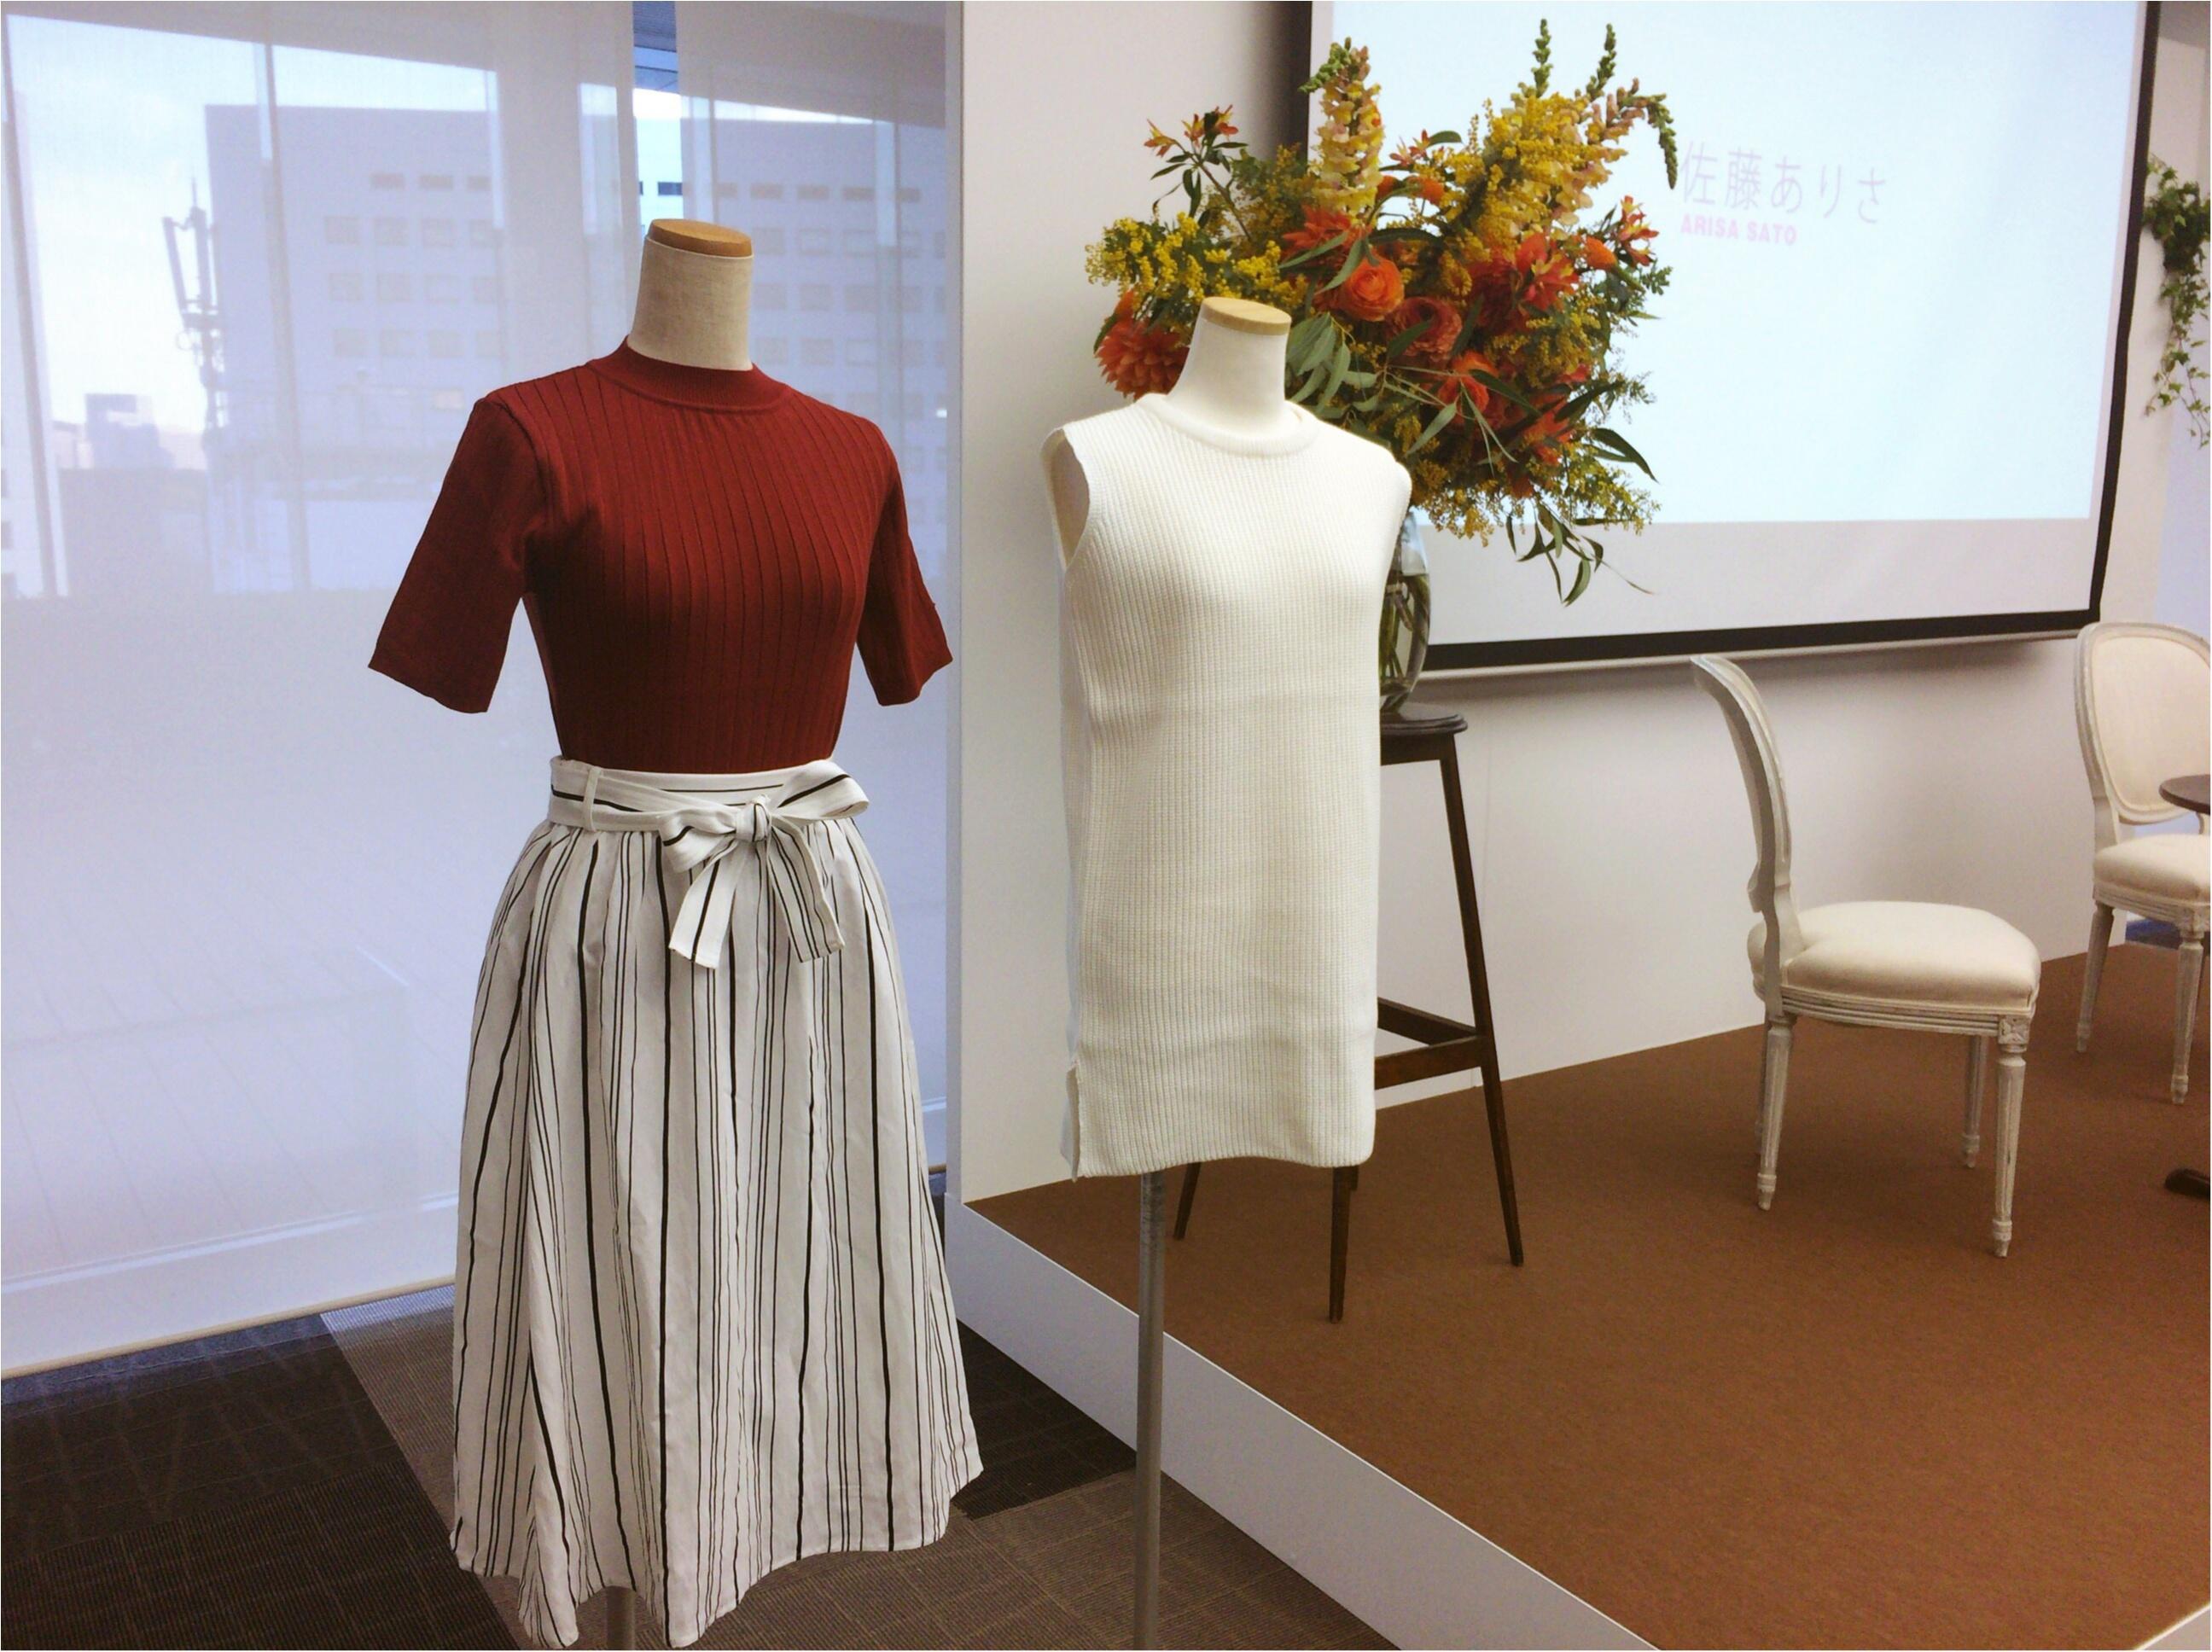 佐藤ありさコラボ服『FlowerDays』流行《ストライプ》リネン風スカートは着回しも着心地も楽チン!_2